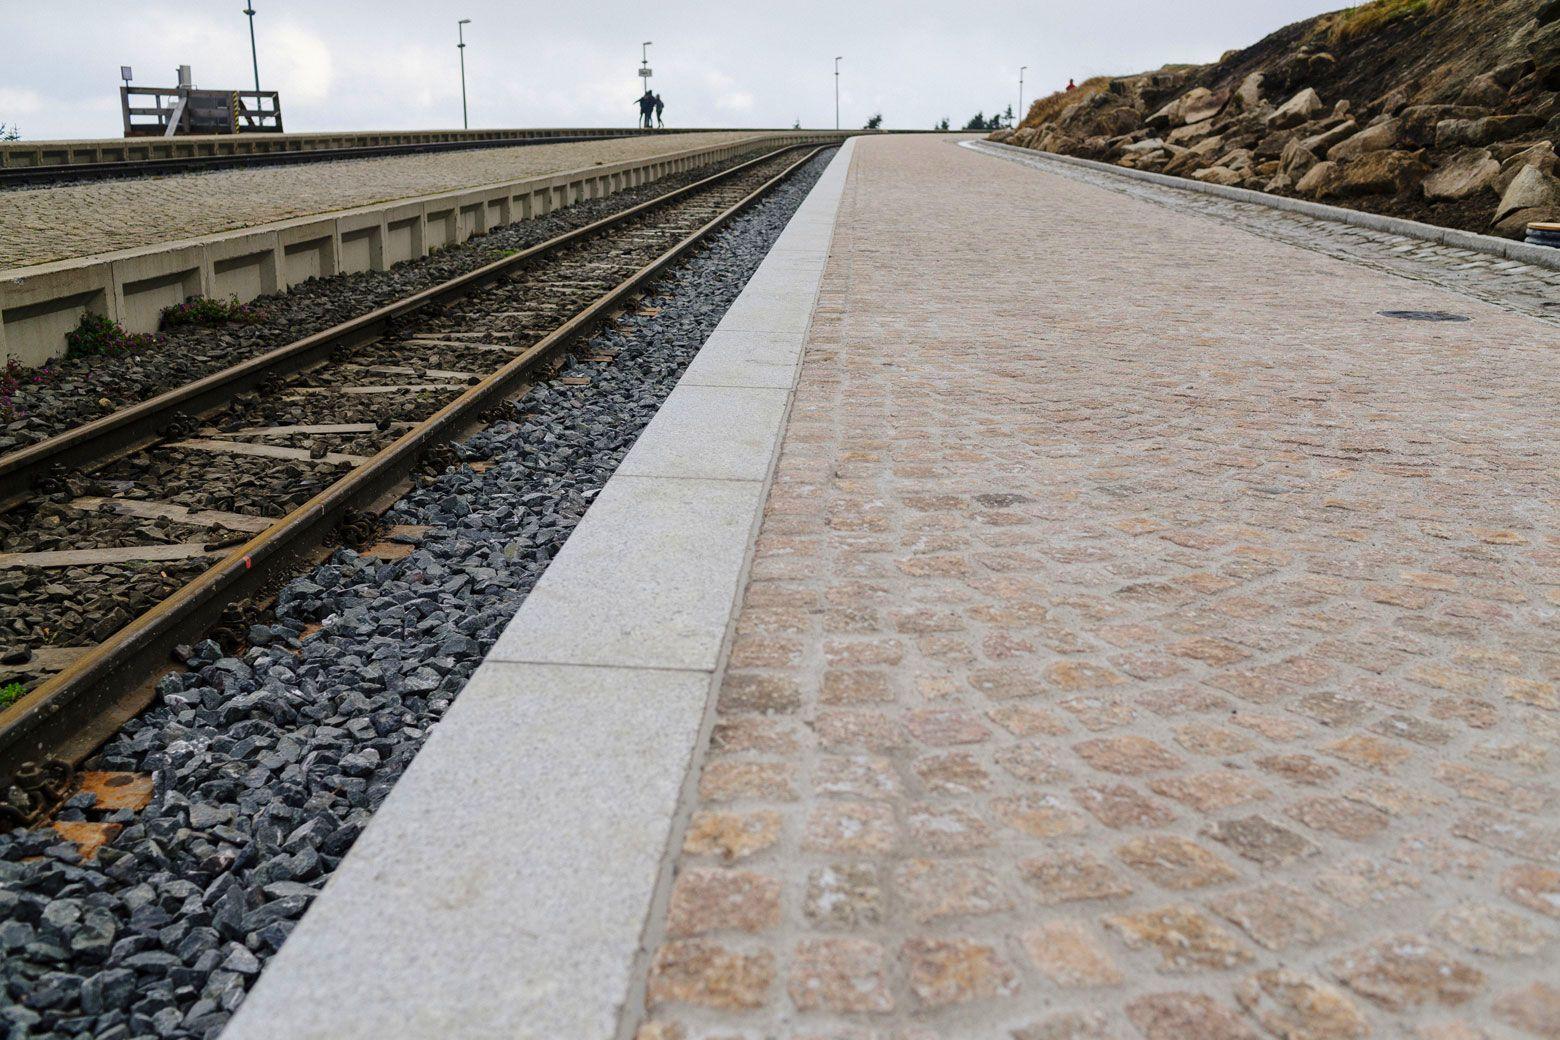 Ausblick über Bahnsteig und Gleise bei bewölktem Himmel